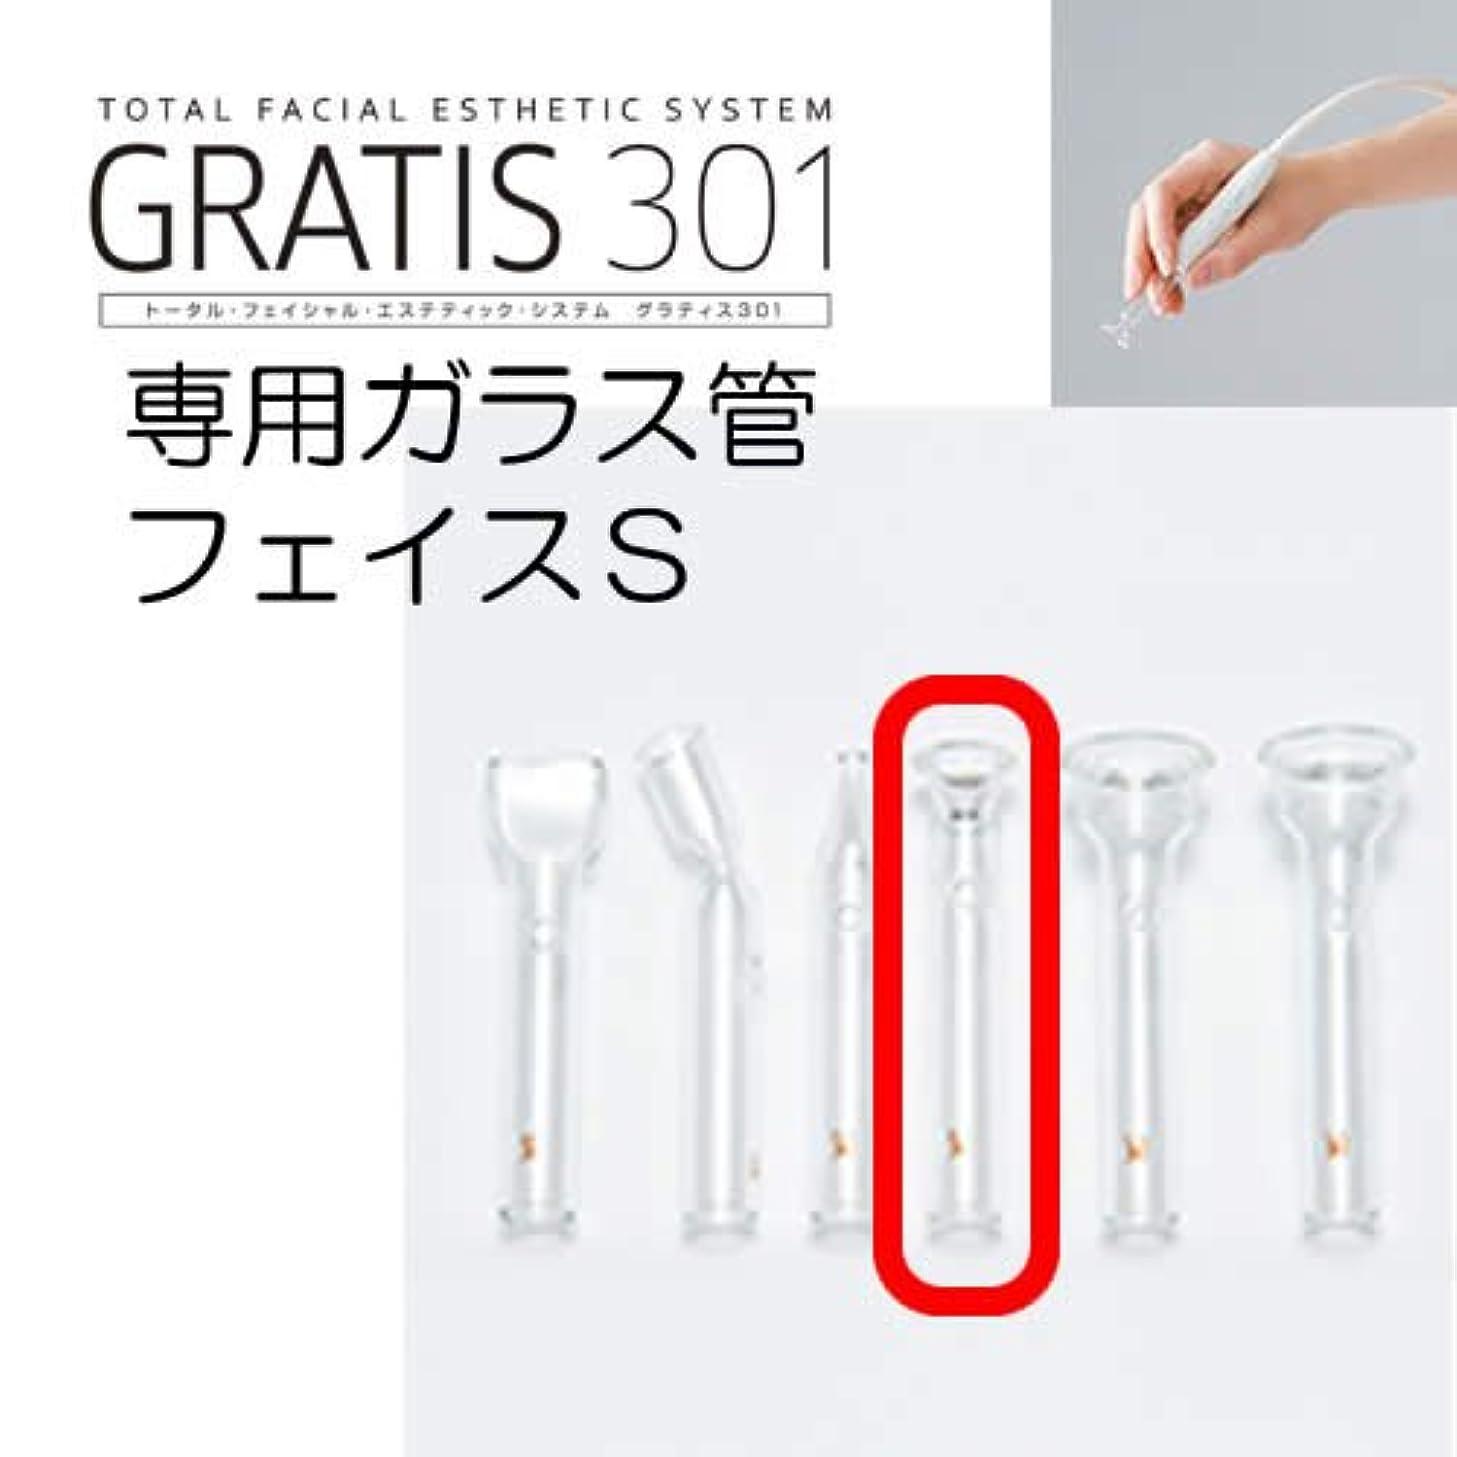 小道具クレデンシャル暴動GRATIS 301(グラティス301)専用ガラス管 フェイスS(2本セット)